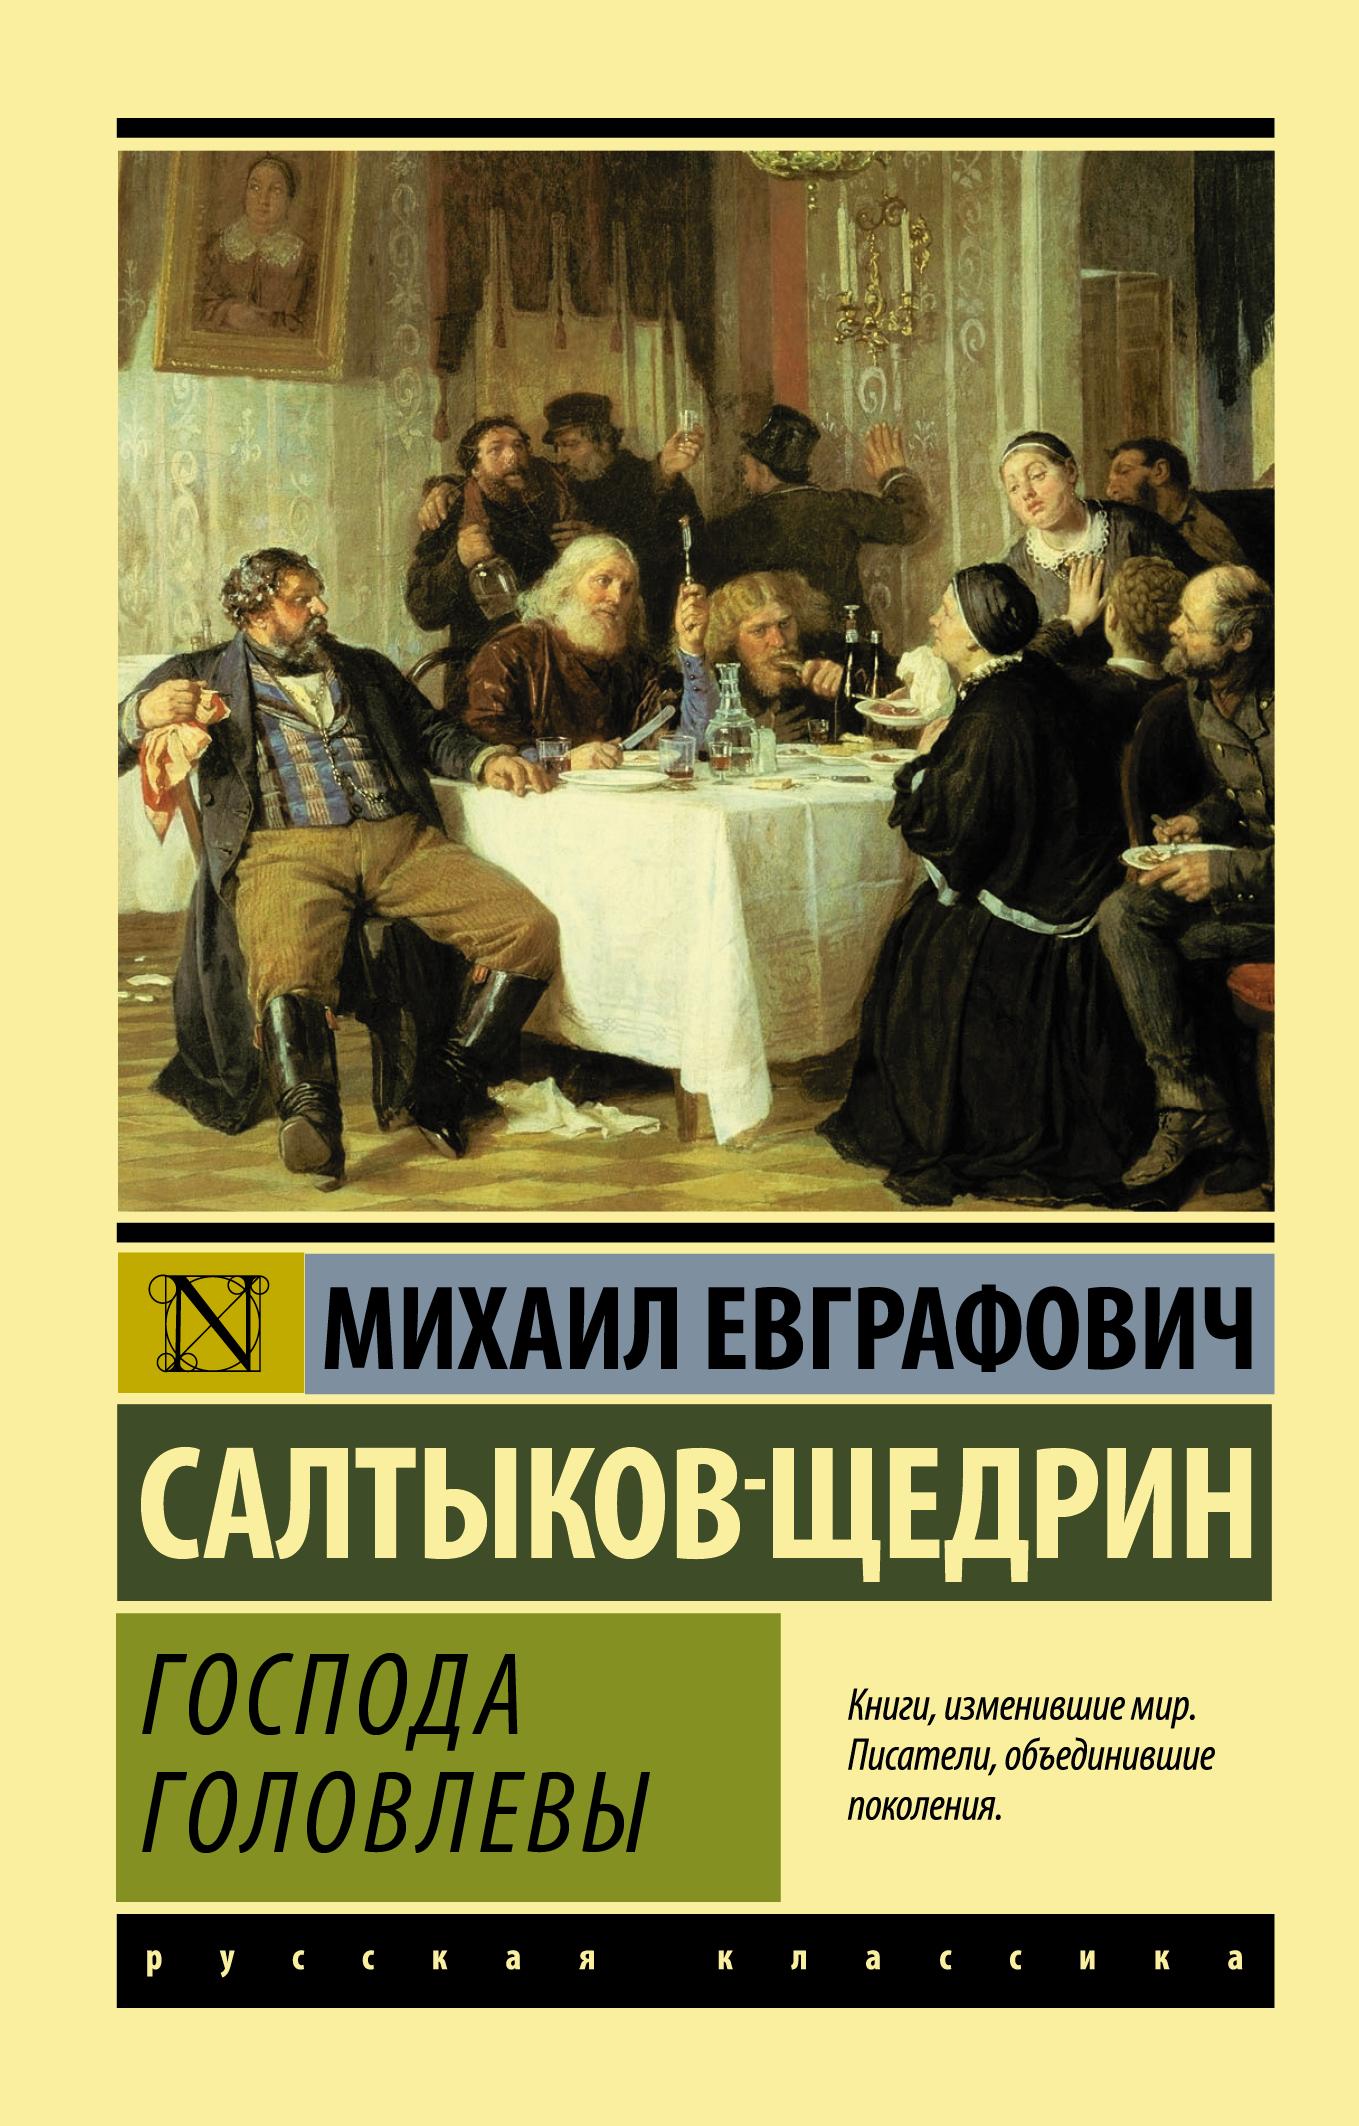 Салтыков-Щедрин М.Е. Господа Головлевы